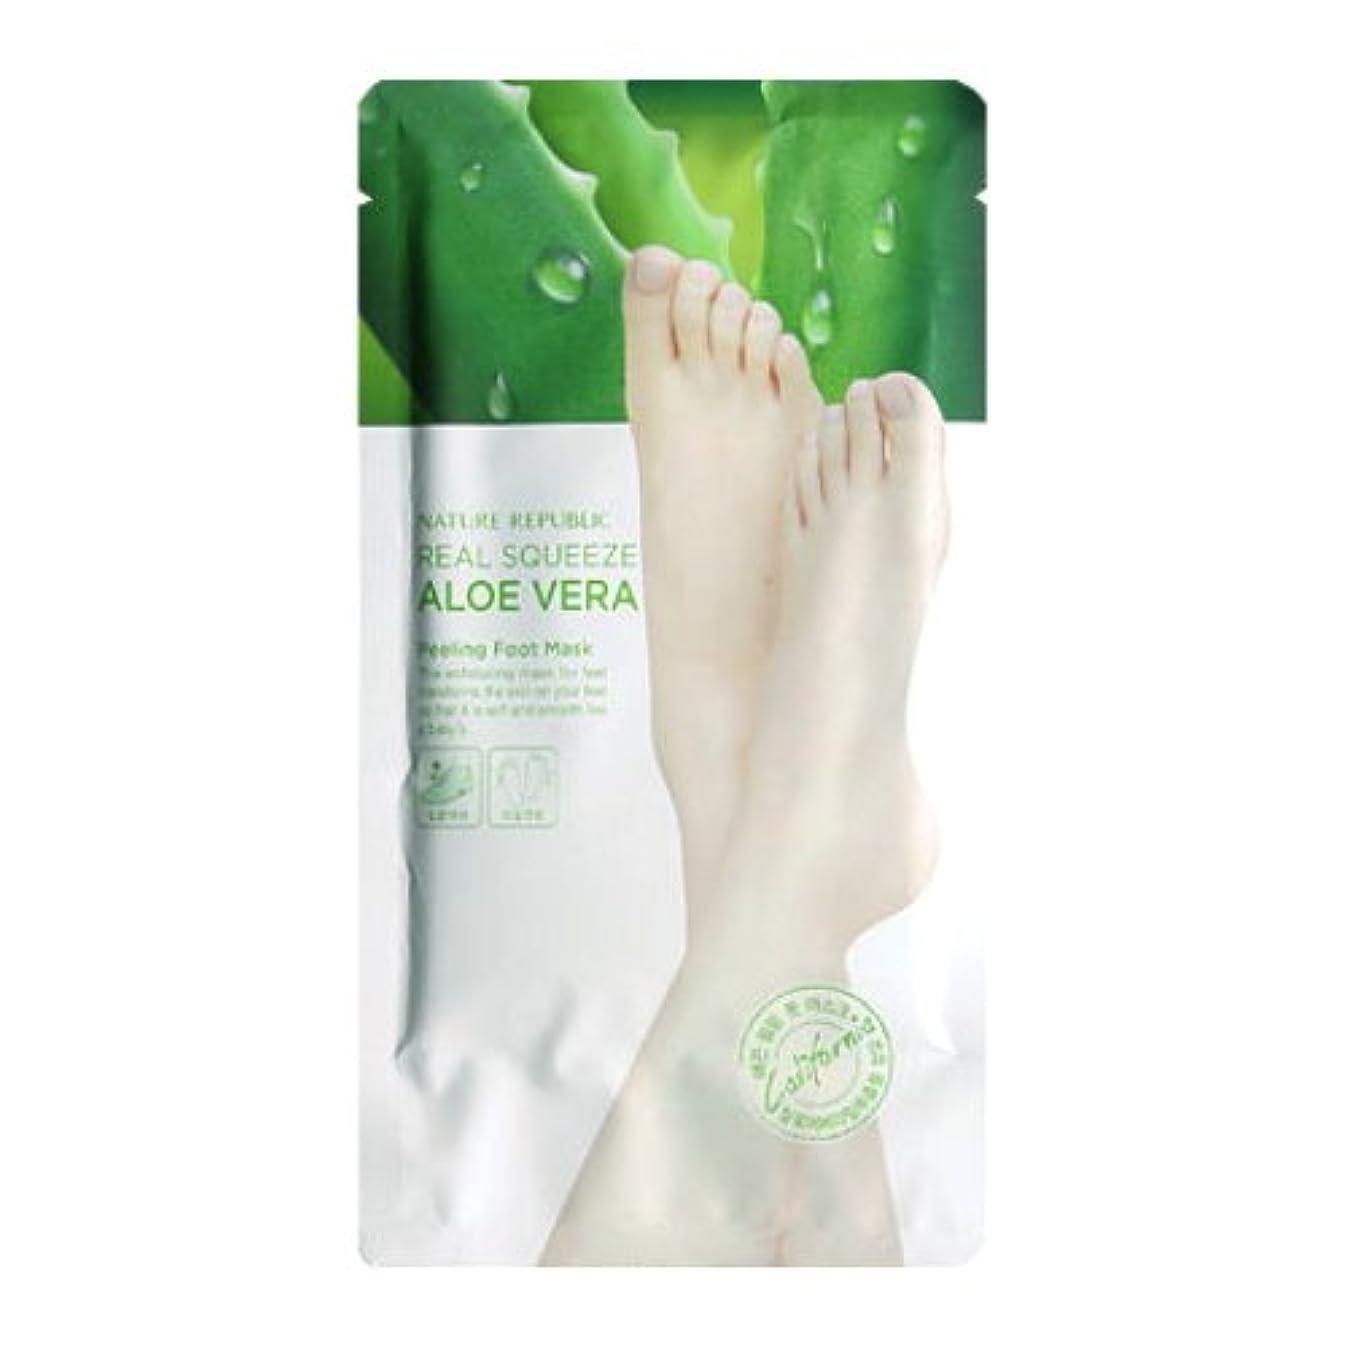 癌騒ぎどれでもNATURE REPUBLIC Real Squeeze Aloe Vera Peeling Foot Mask (並行輸入品)